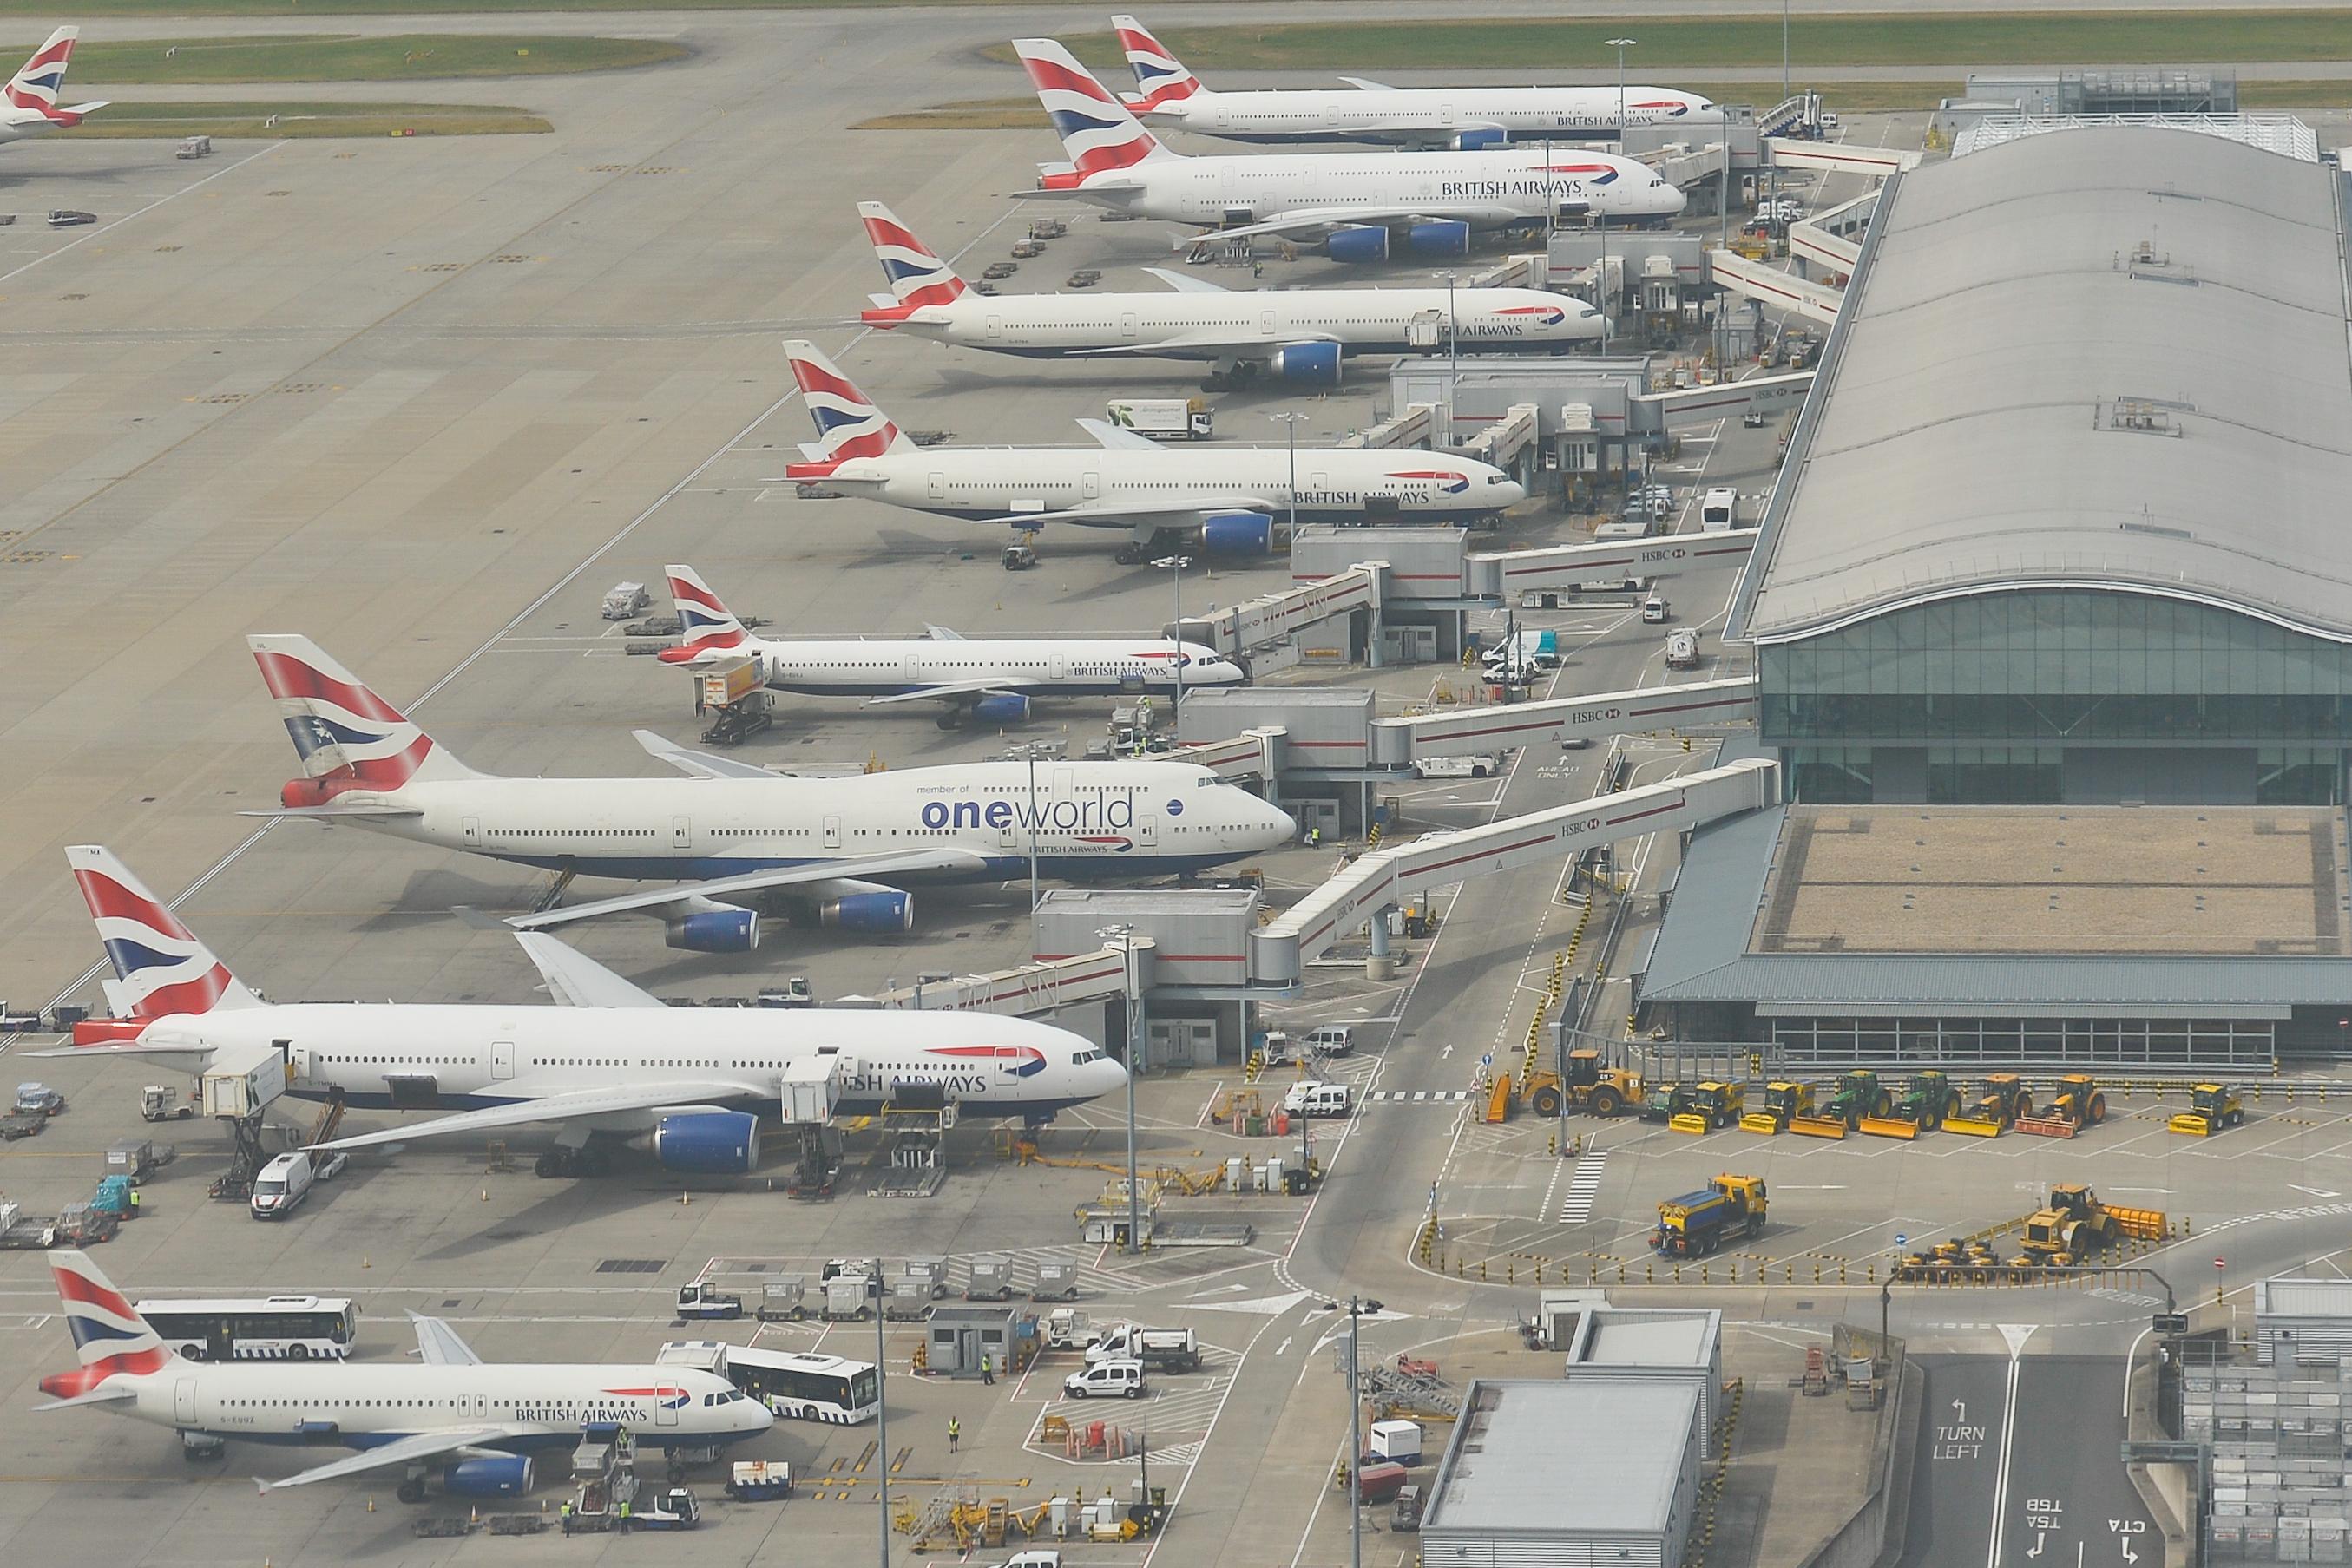 A British Airways eladja a műalkotásait, hogy ne küldjenek el 12 ezer embert